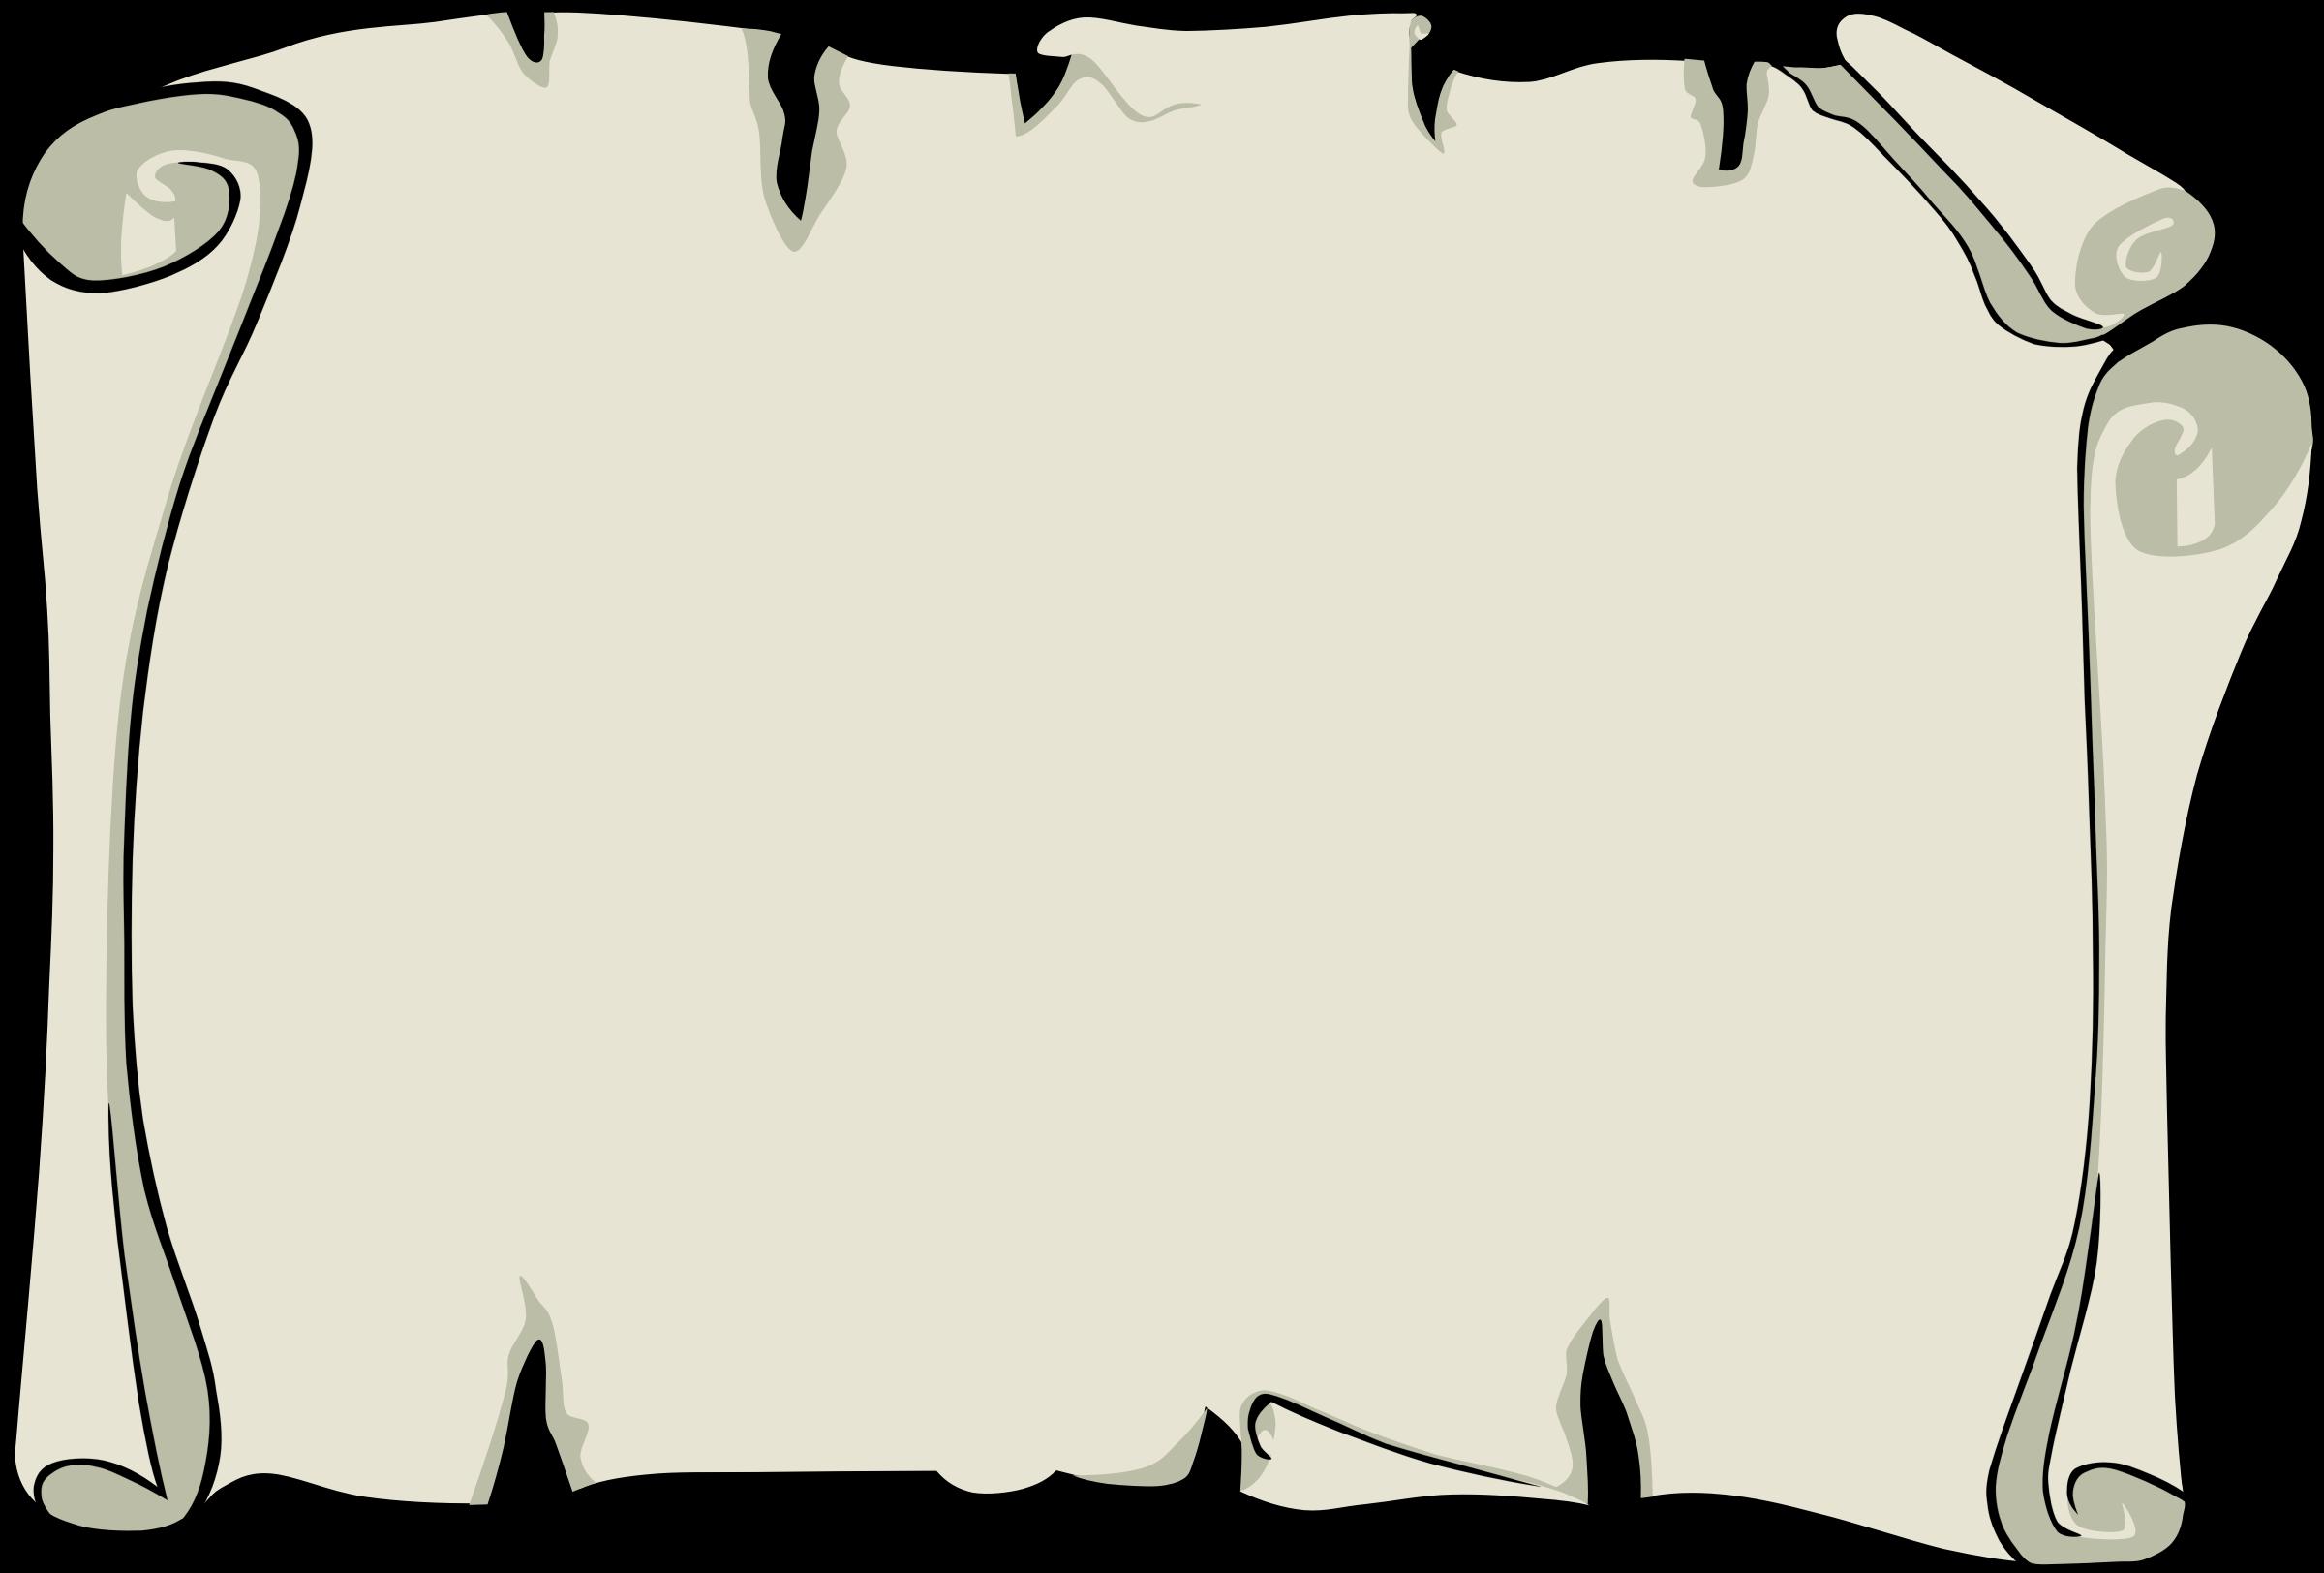 Parchment background or border. Clipart borders landscape